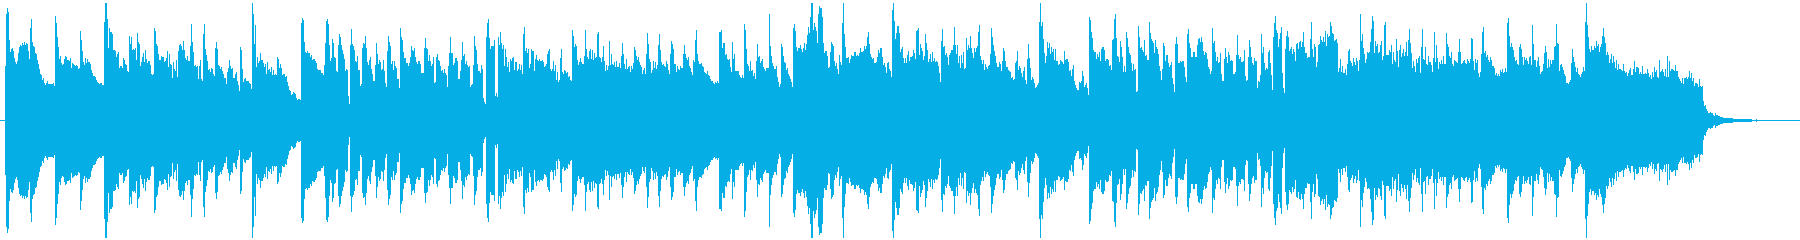 ハープシコードとストリングスの再生済みの波形